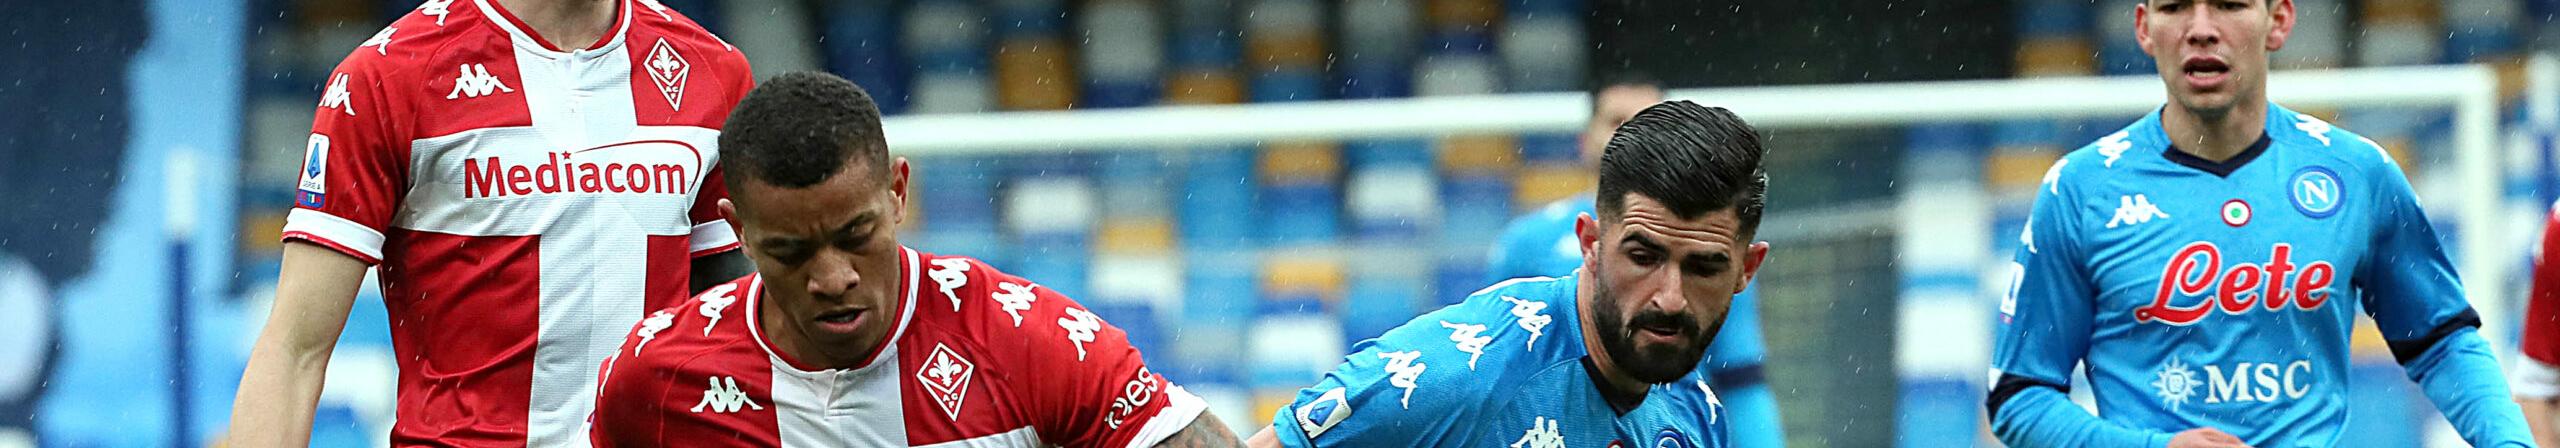 Fiorentina-Napoli, per gli azzurri l'obiettivo è dimenticare il 2018